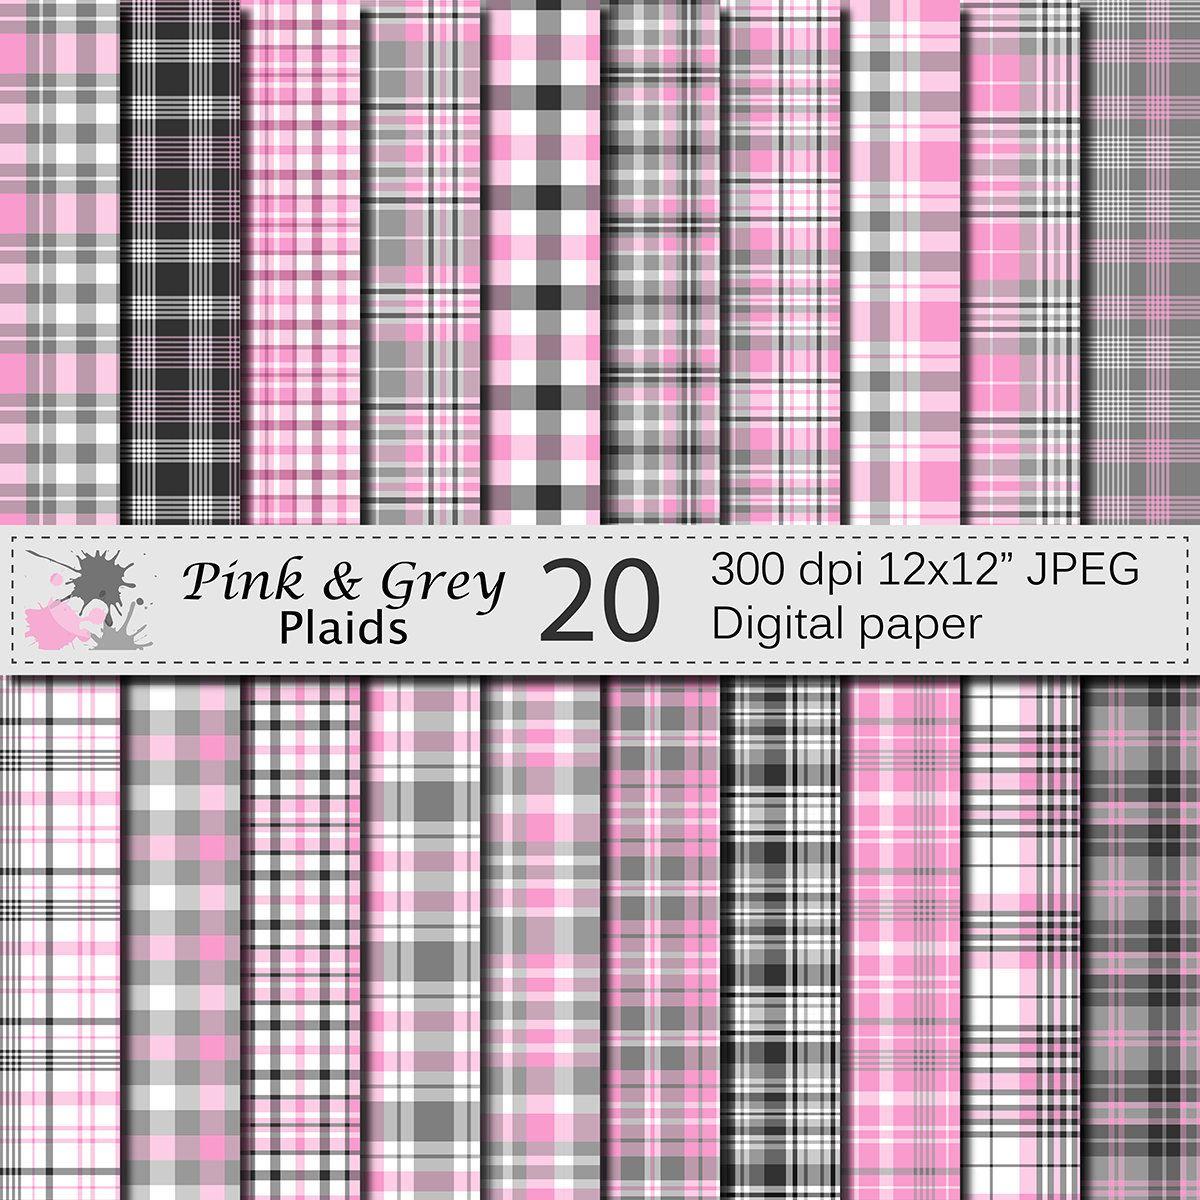 Pink and Grey Plaids Digital Paper Set, Pink and Grey Plaid Digital Papers, Plaid Scrapbook Paper, Instant Digital Download by VRDigitalDesign on Etsy